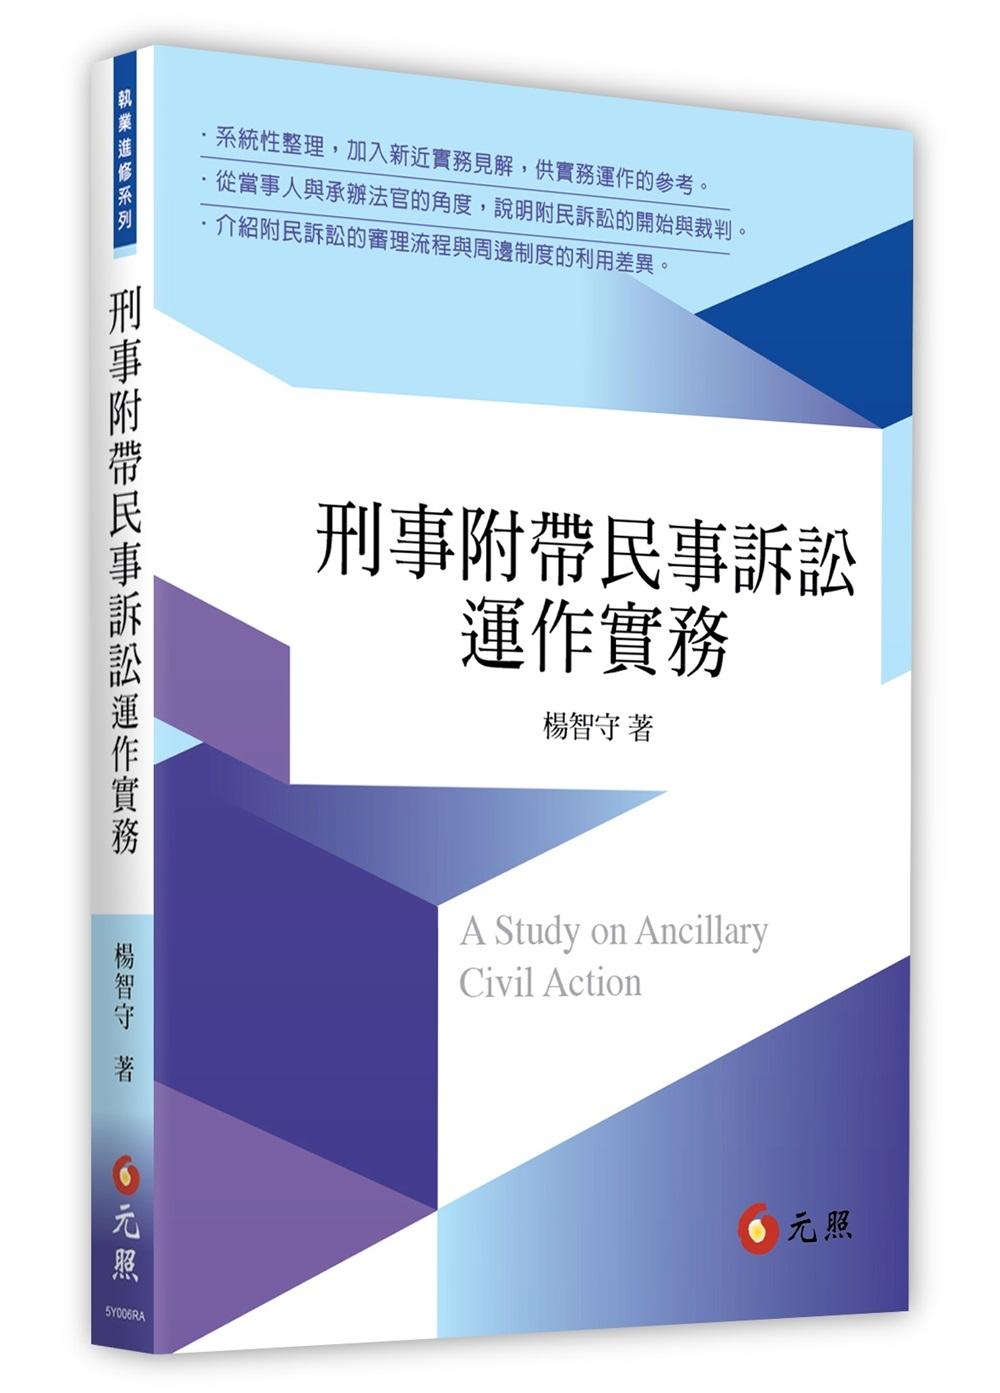 《刑事附帶民事訴訟運作實務》 商品條碼,ISBN:9789578607132